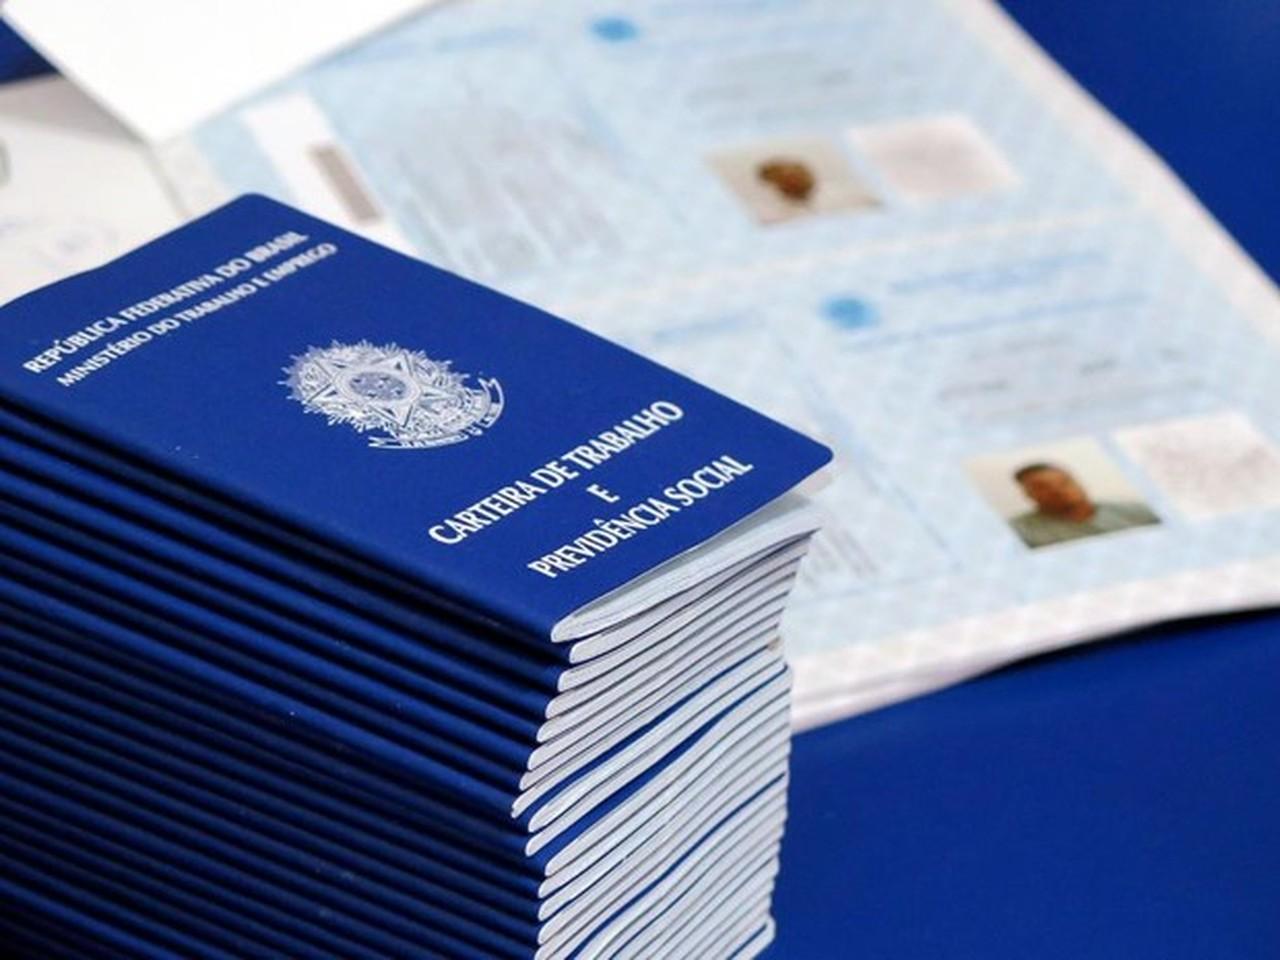 carteiradetrabalho1 - Nordeste é a região que mais perdeu empregos com carteira assinada este ano